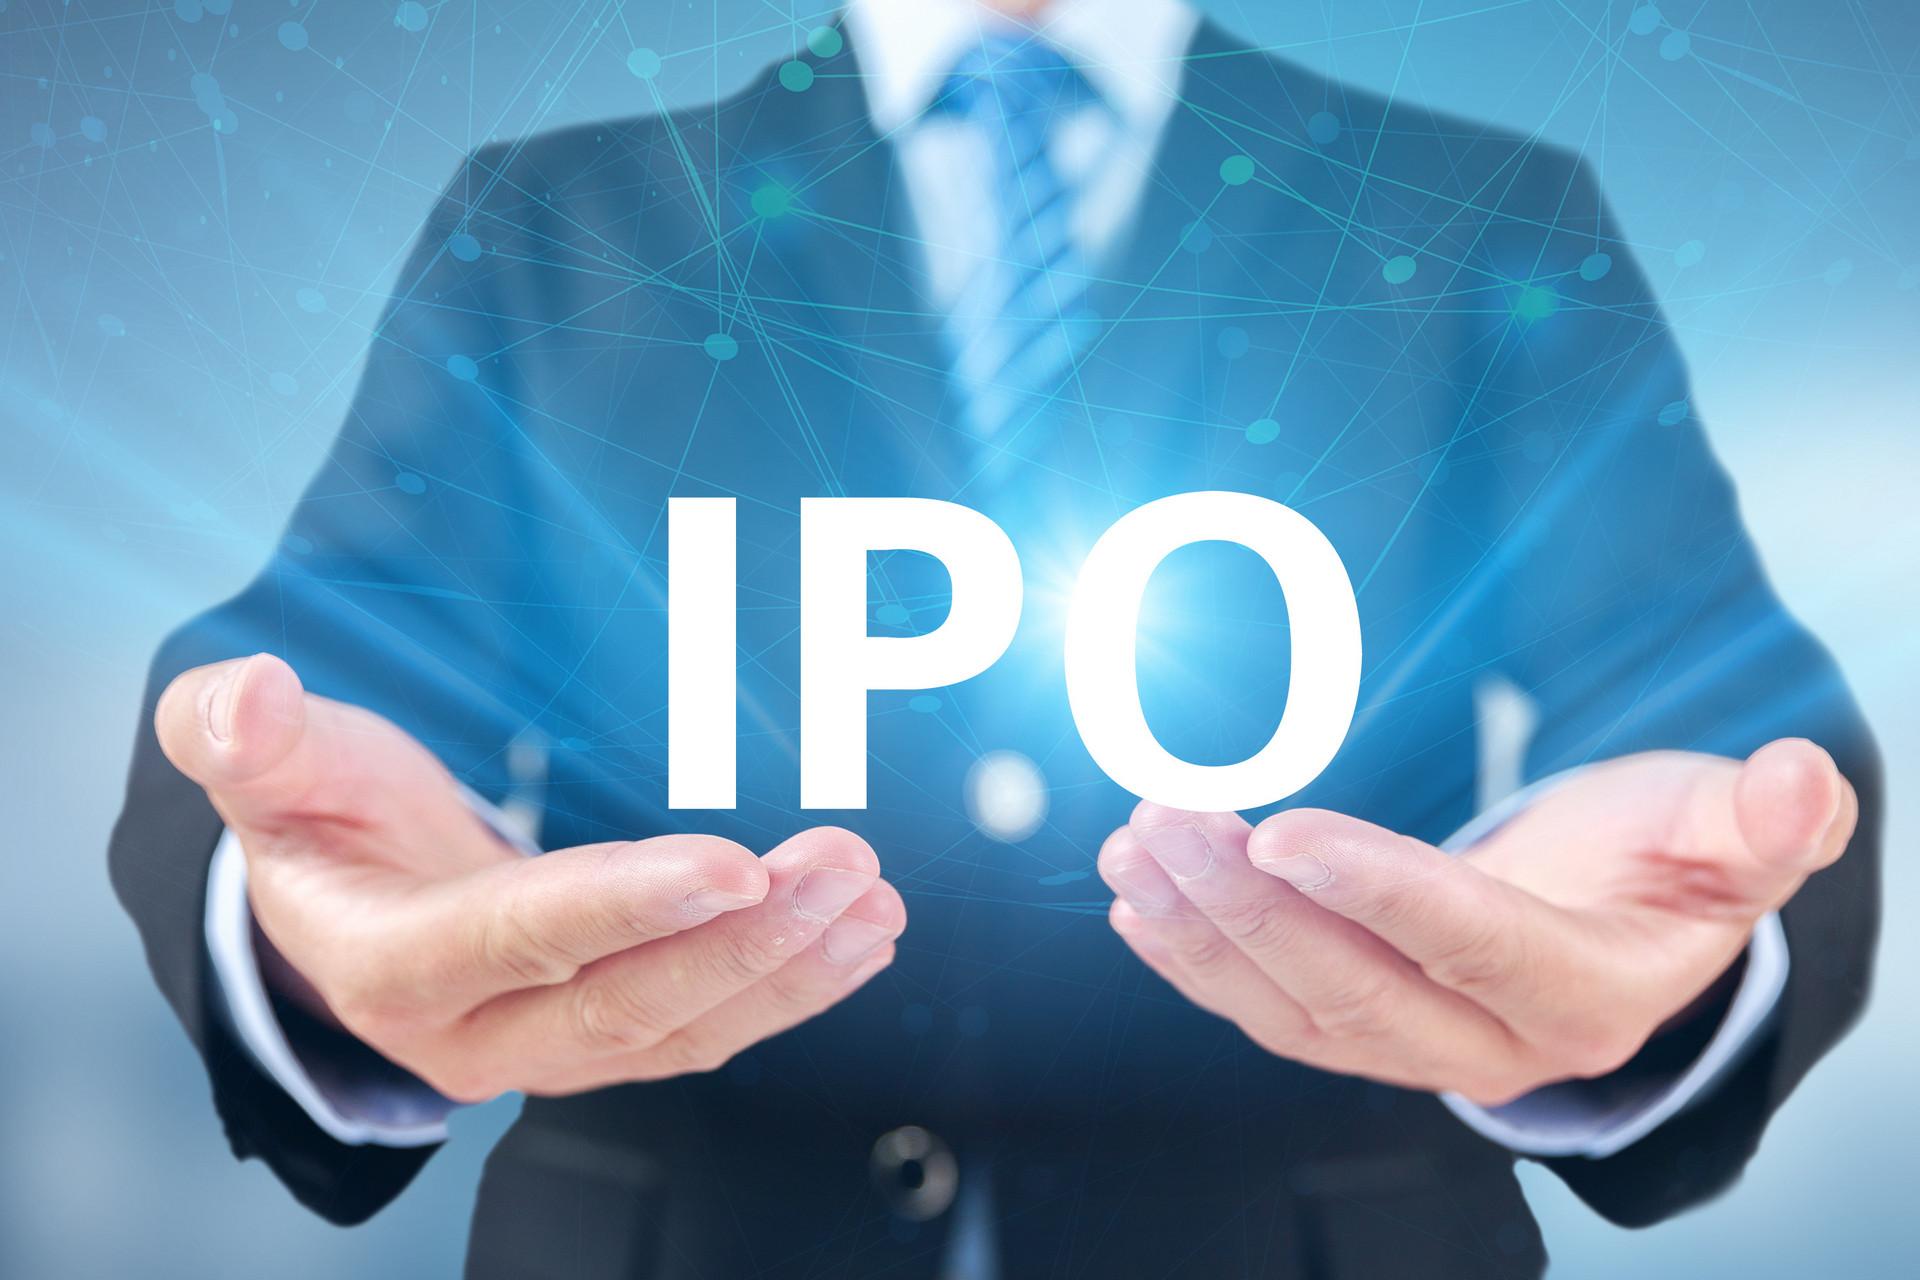 东软教育扩张之际负债走高   增长乏力难题待解赴港IPO